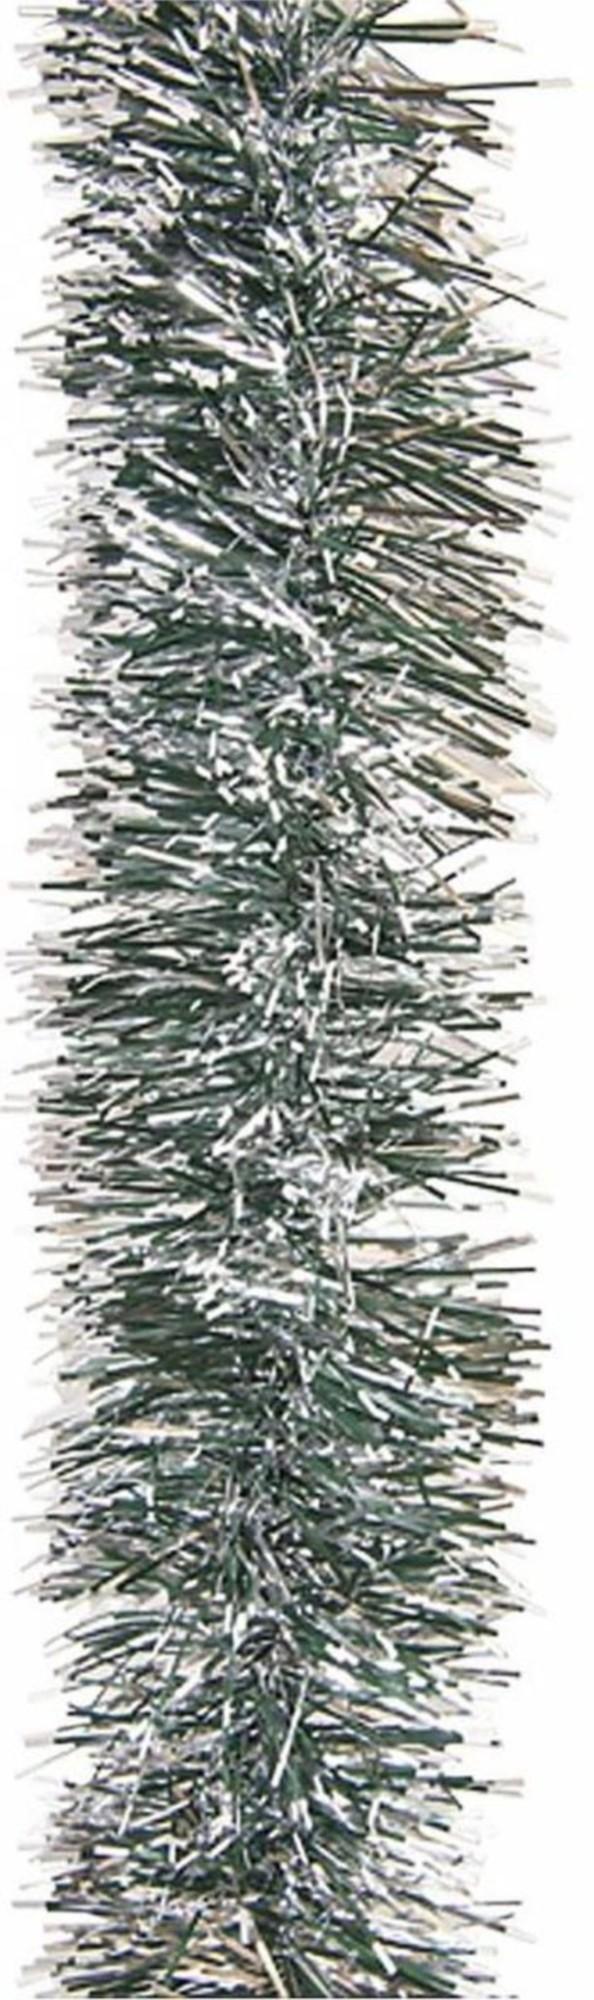 Фольгированное новогоднее украшение Мишура